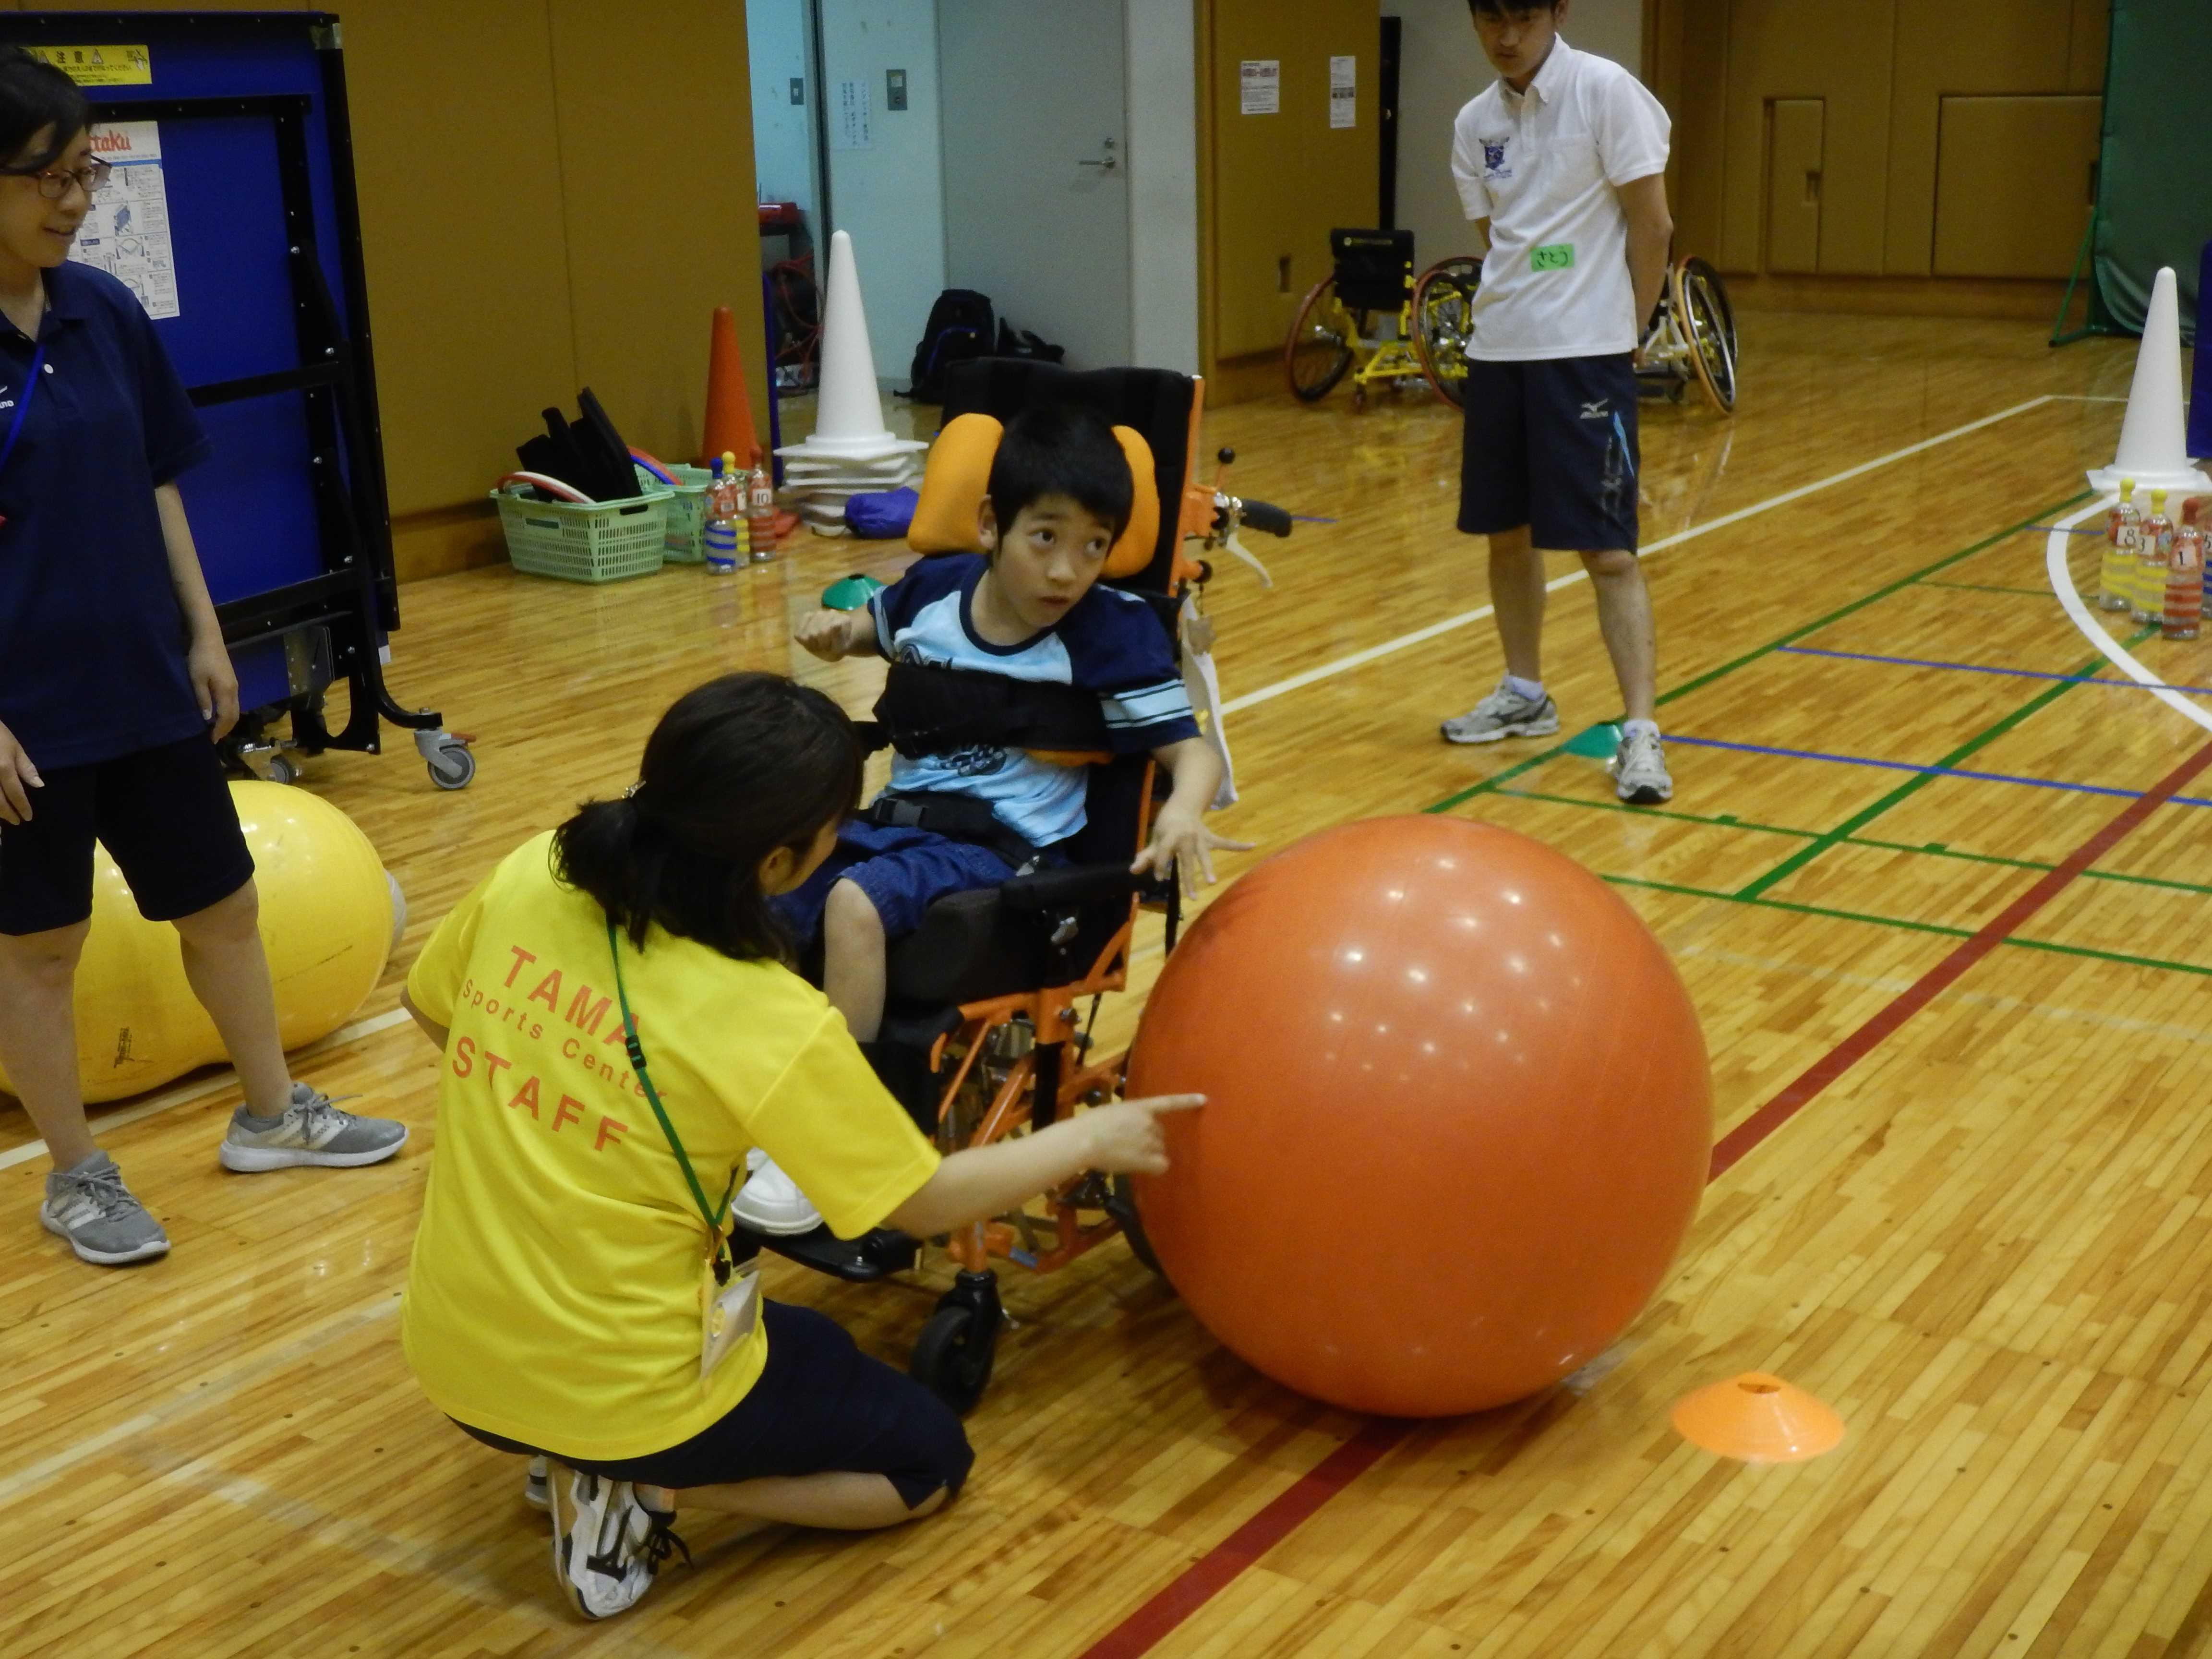 DSCN0460 R - 「GO!GO!ジュニアスポーツ」を終了しました。